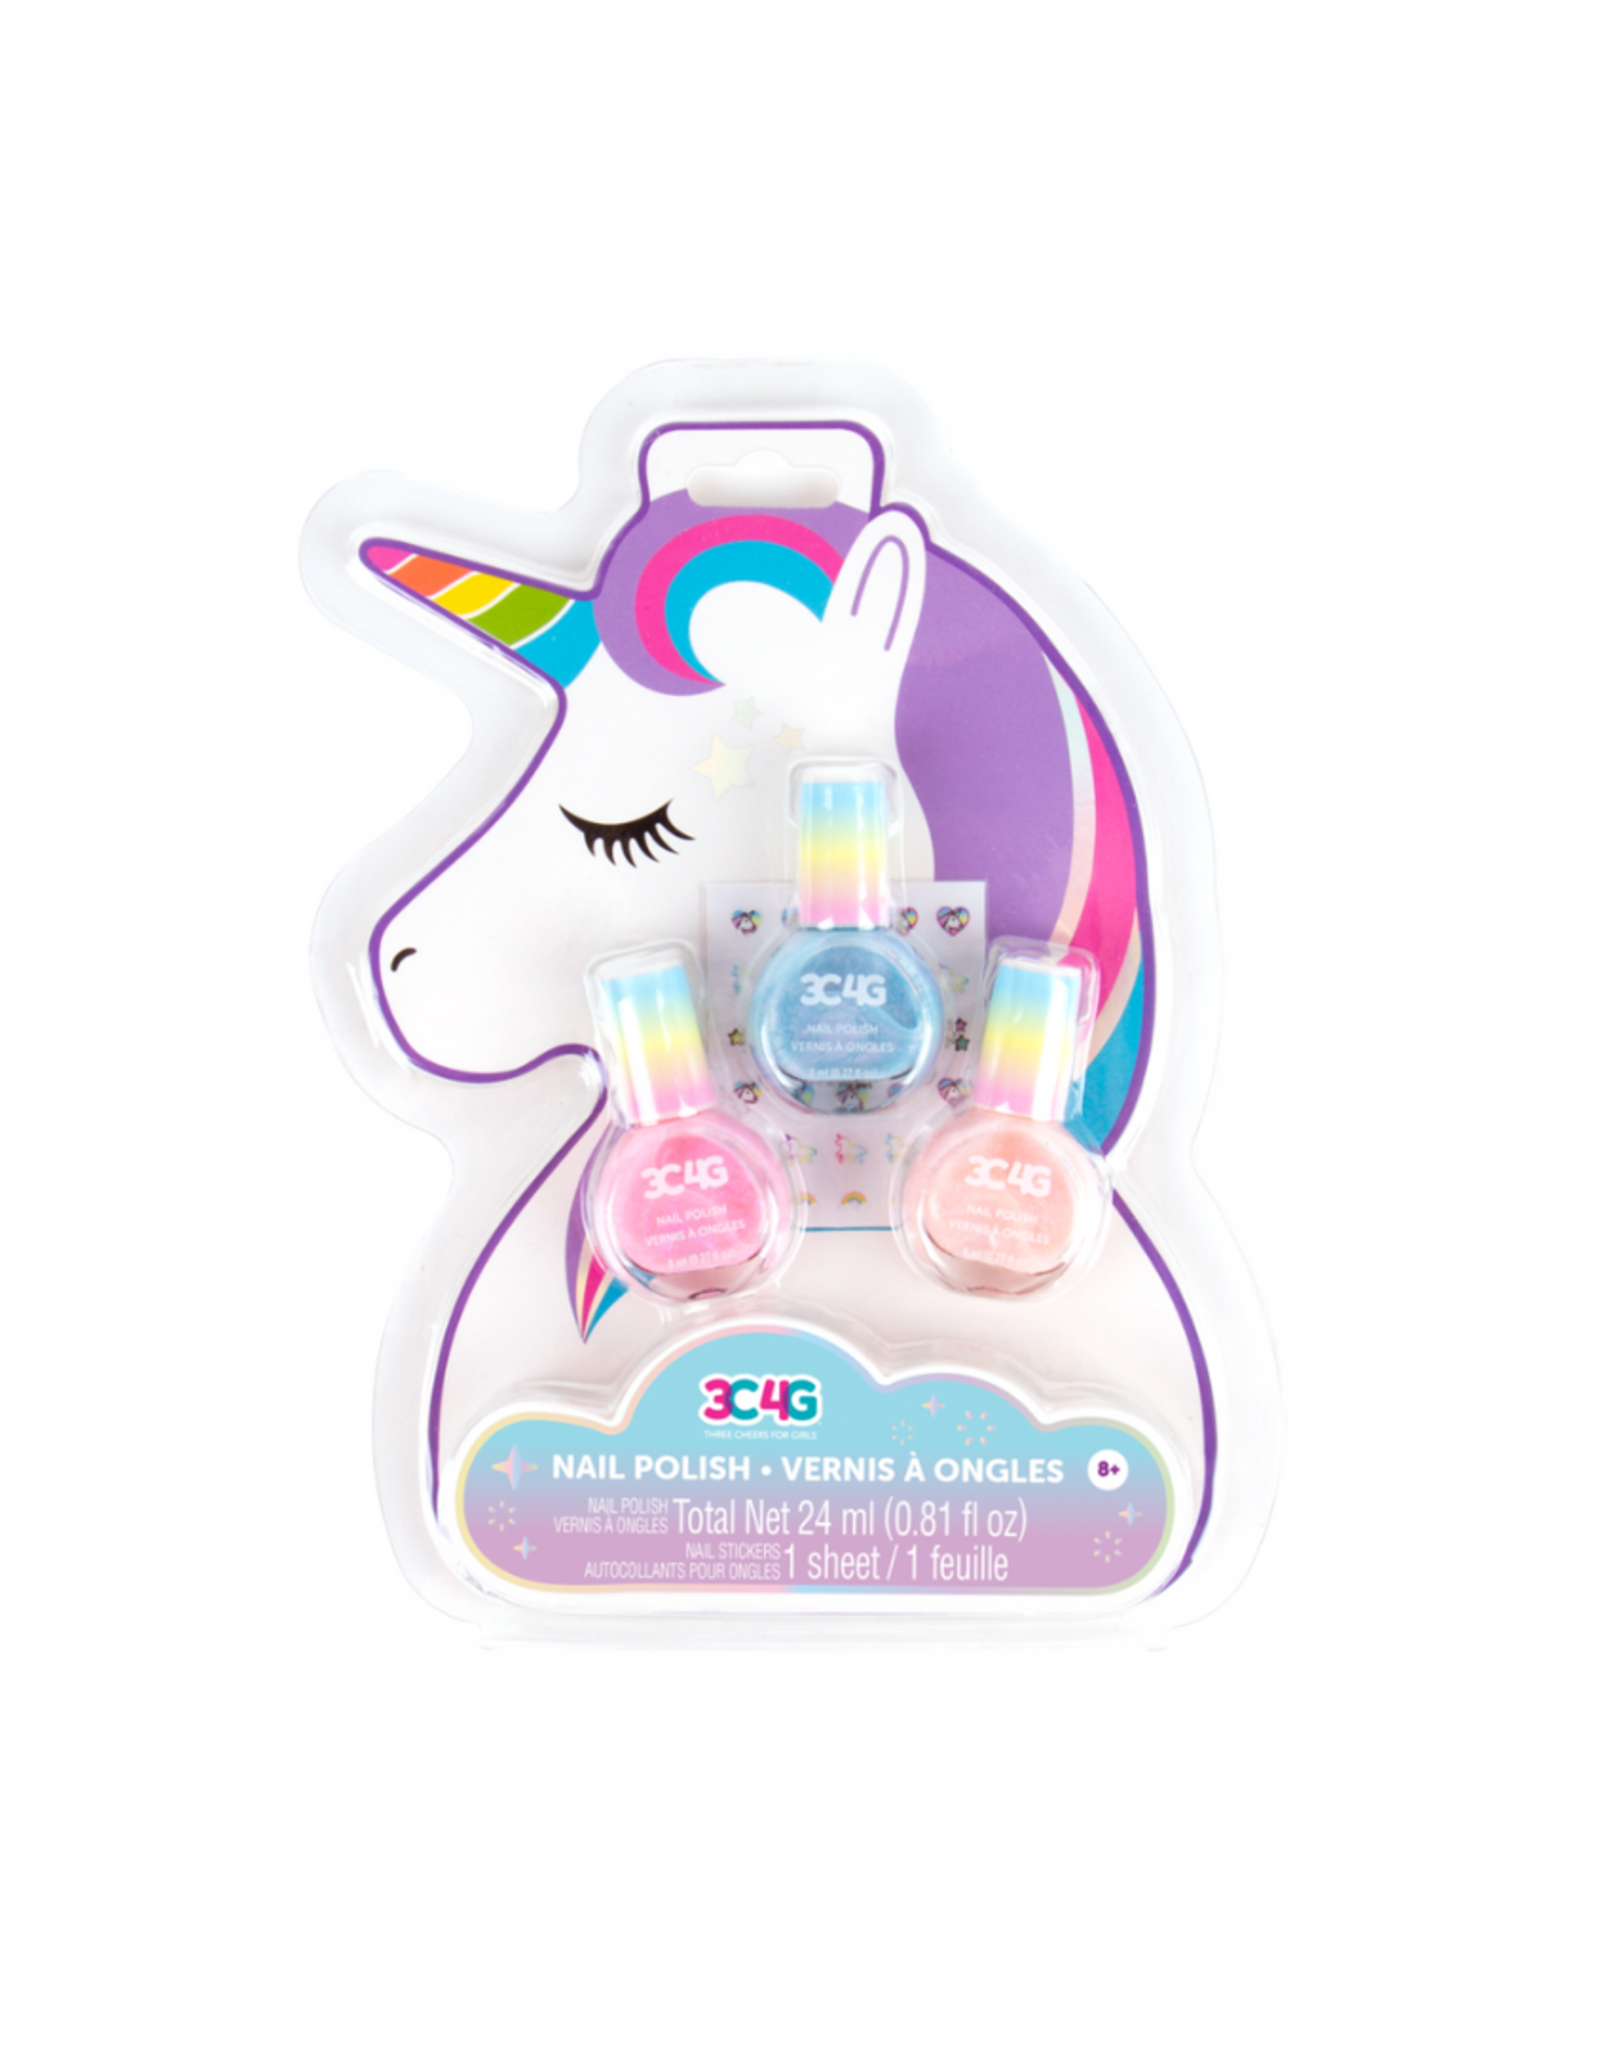 3C4G Unicorn Glimmer Nail Polish Trio